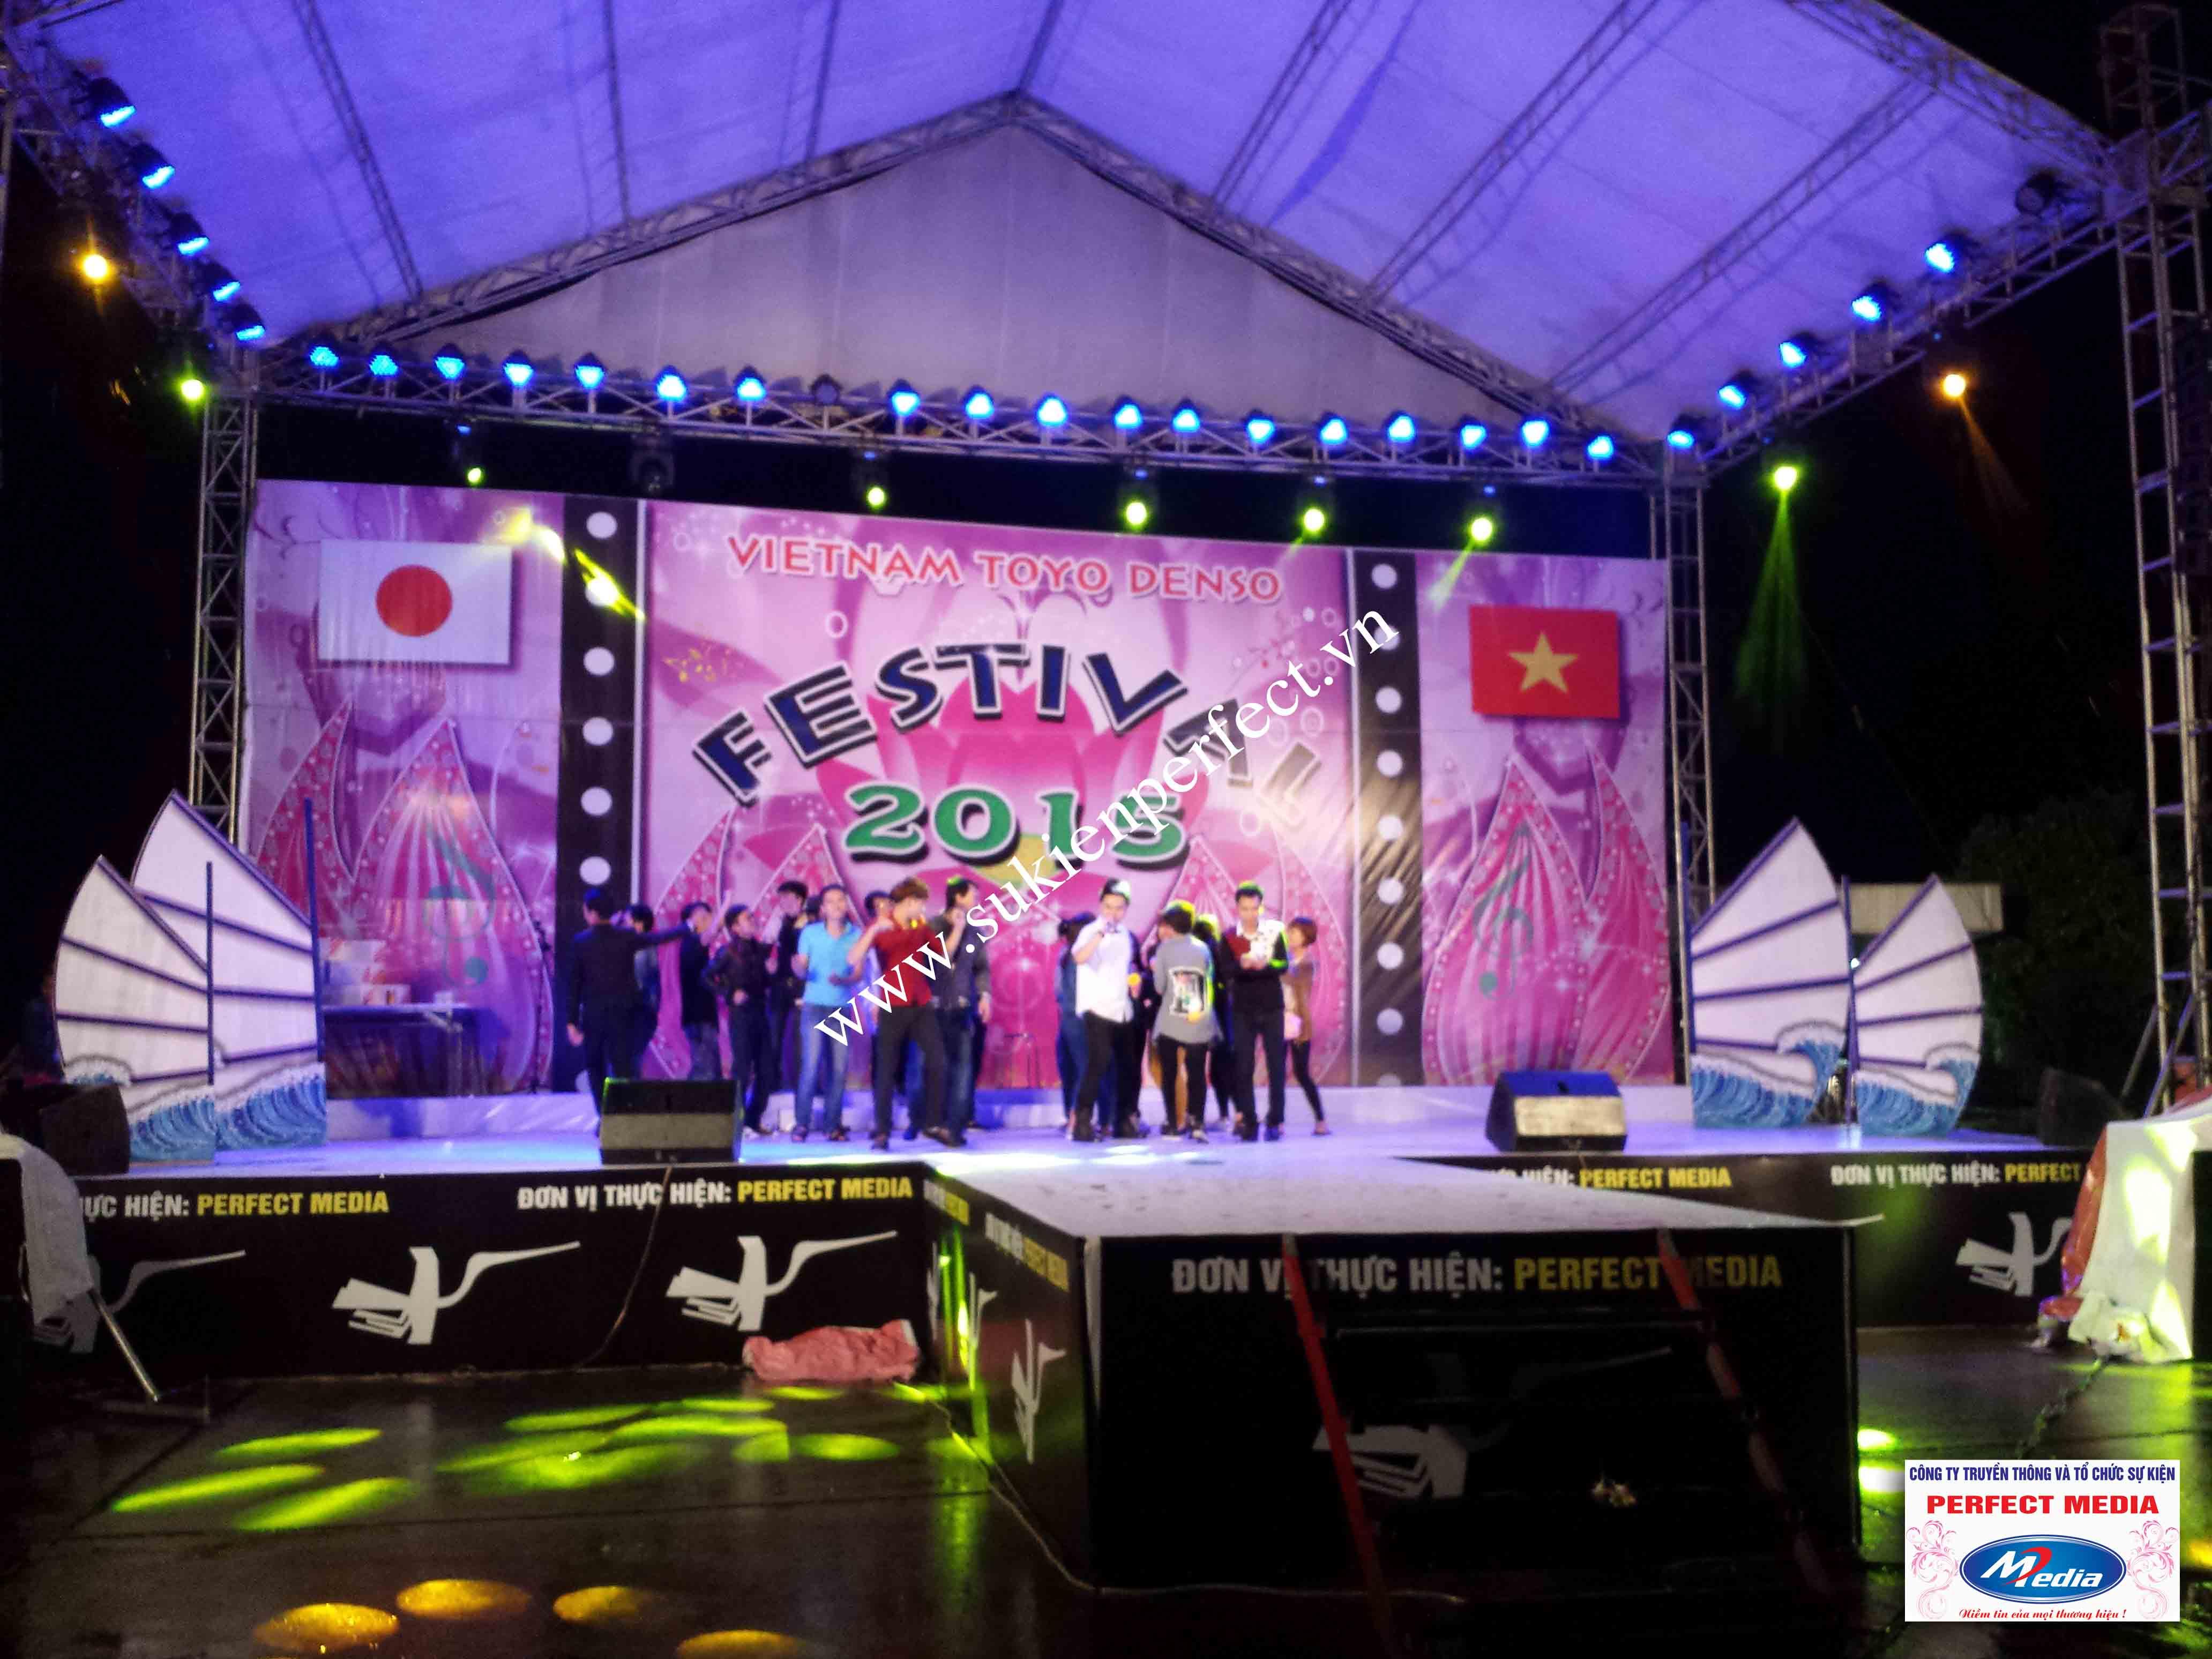 Hình ảnh trong sự kiện Festival Toyo Denso Việt Nam 2015 - 07